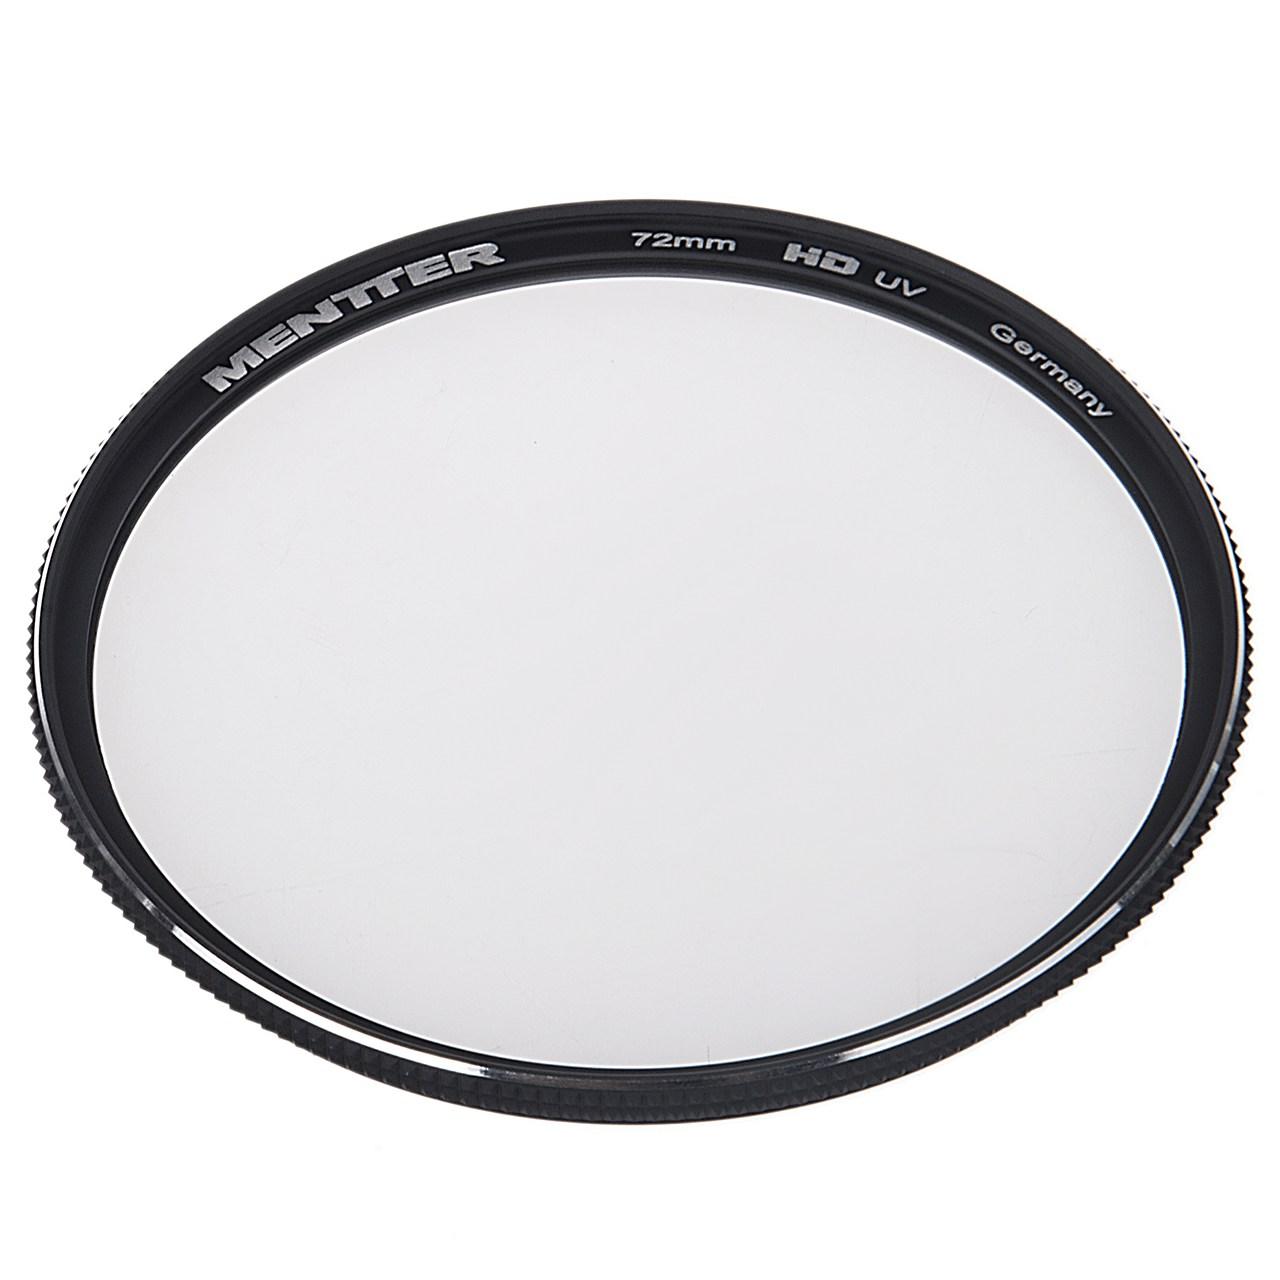 فیلتر لنز منتر مدل HD UV 72mm